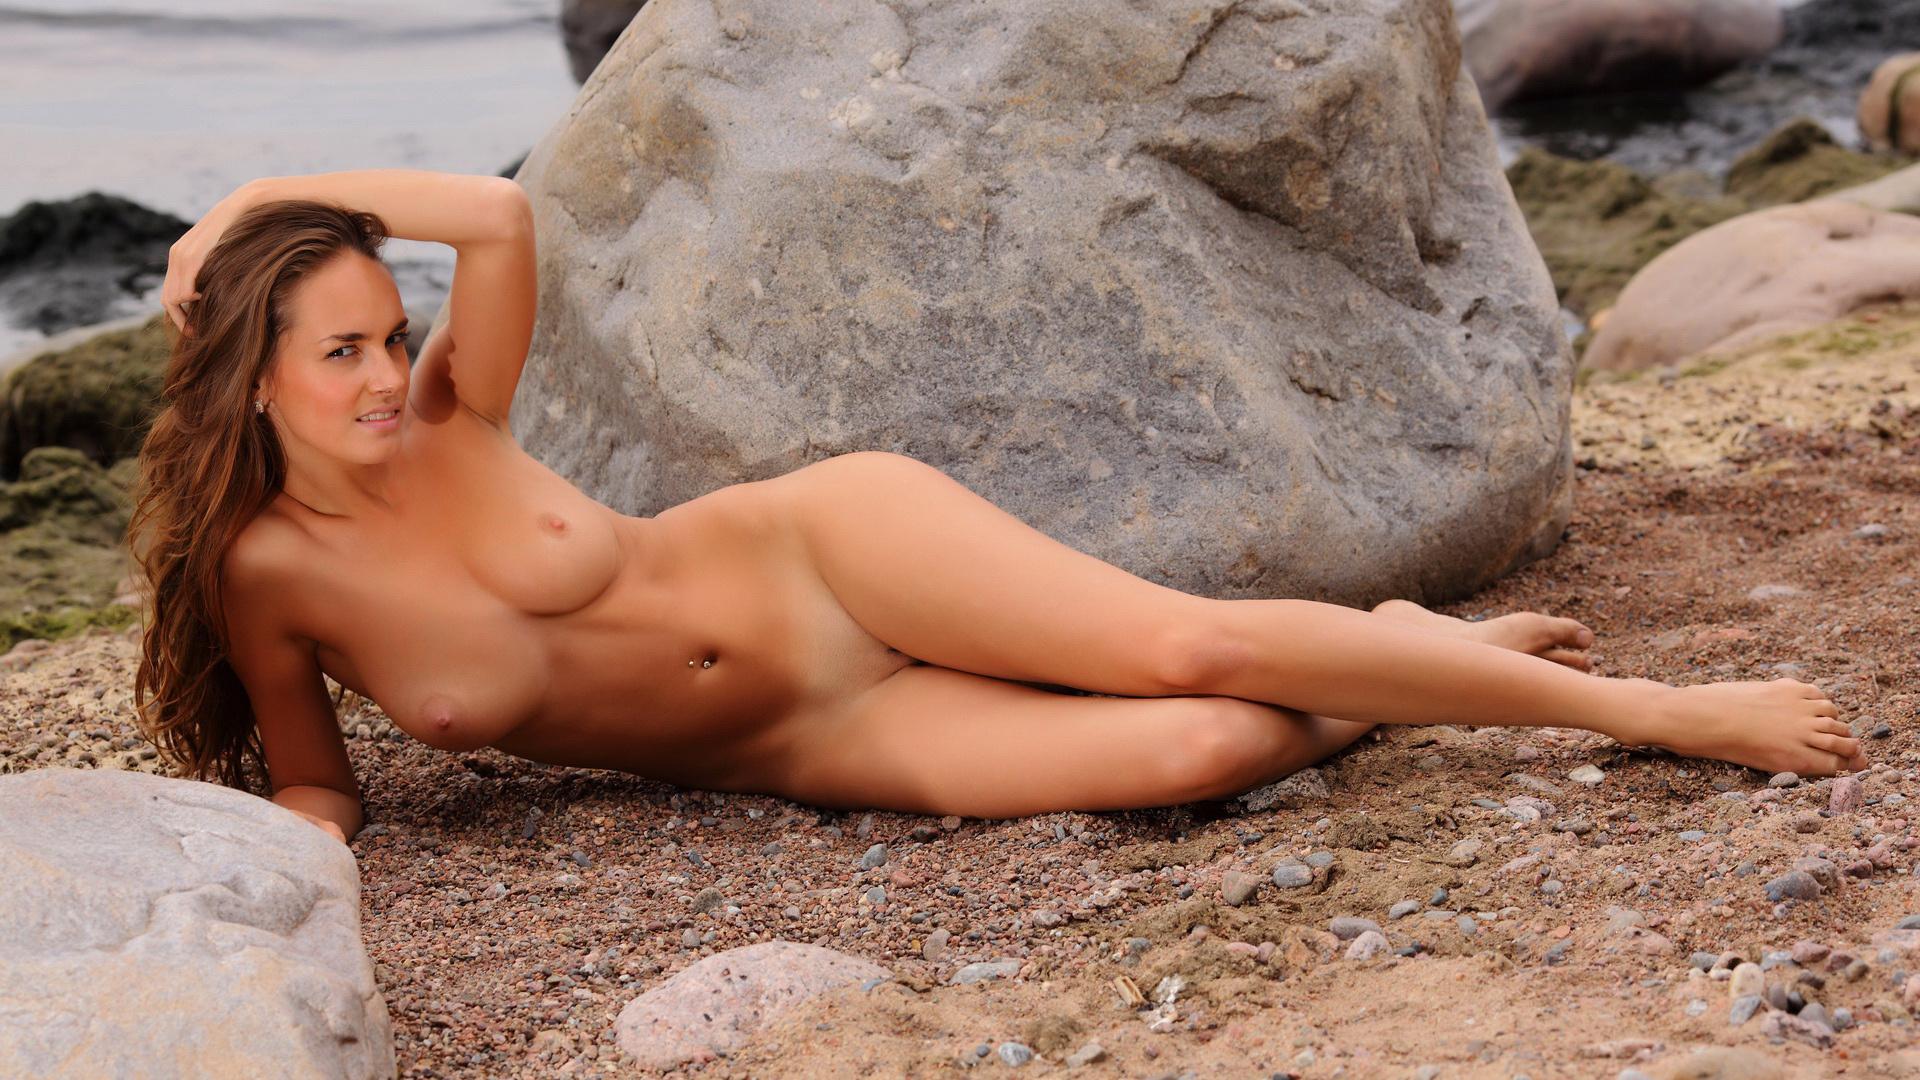 Частное порно на пляже hd 24 фотография